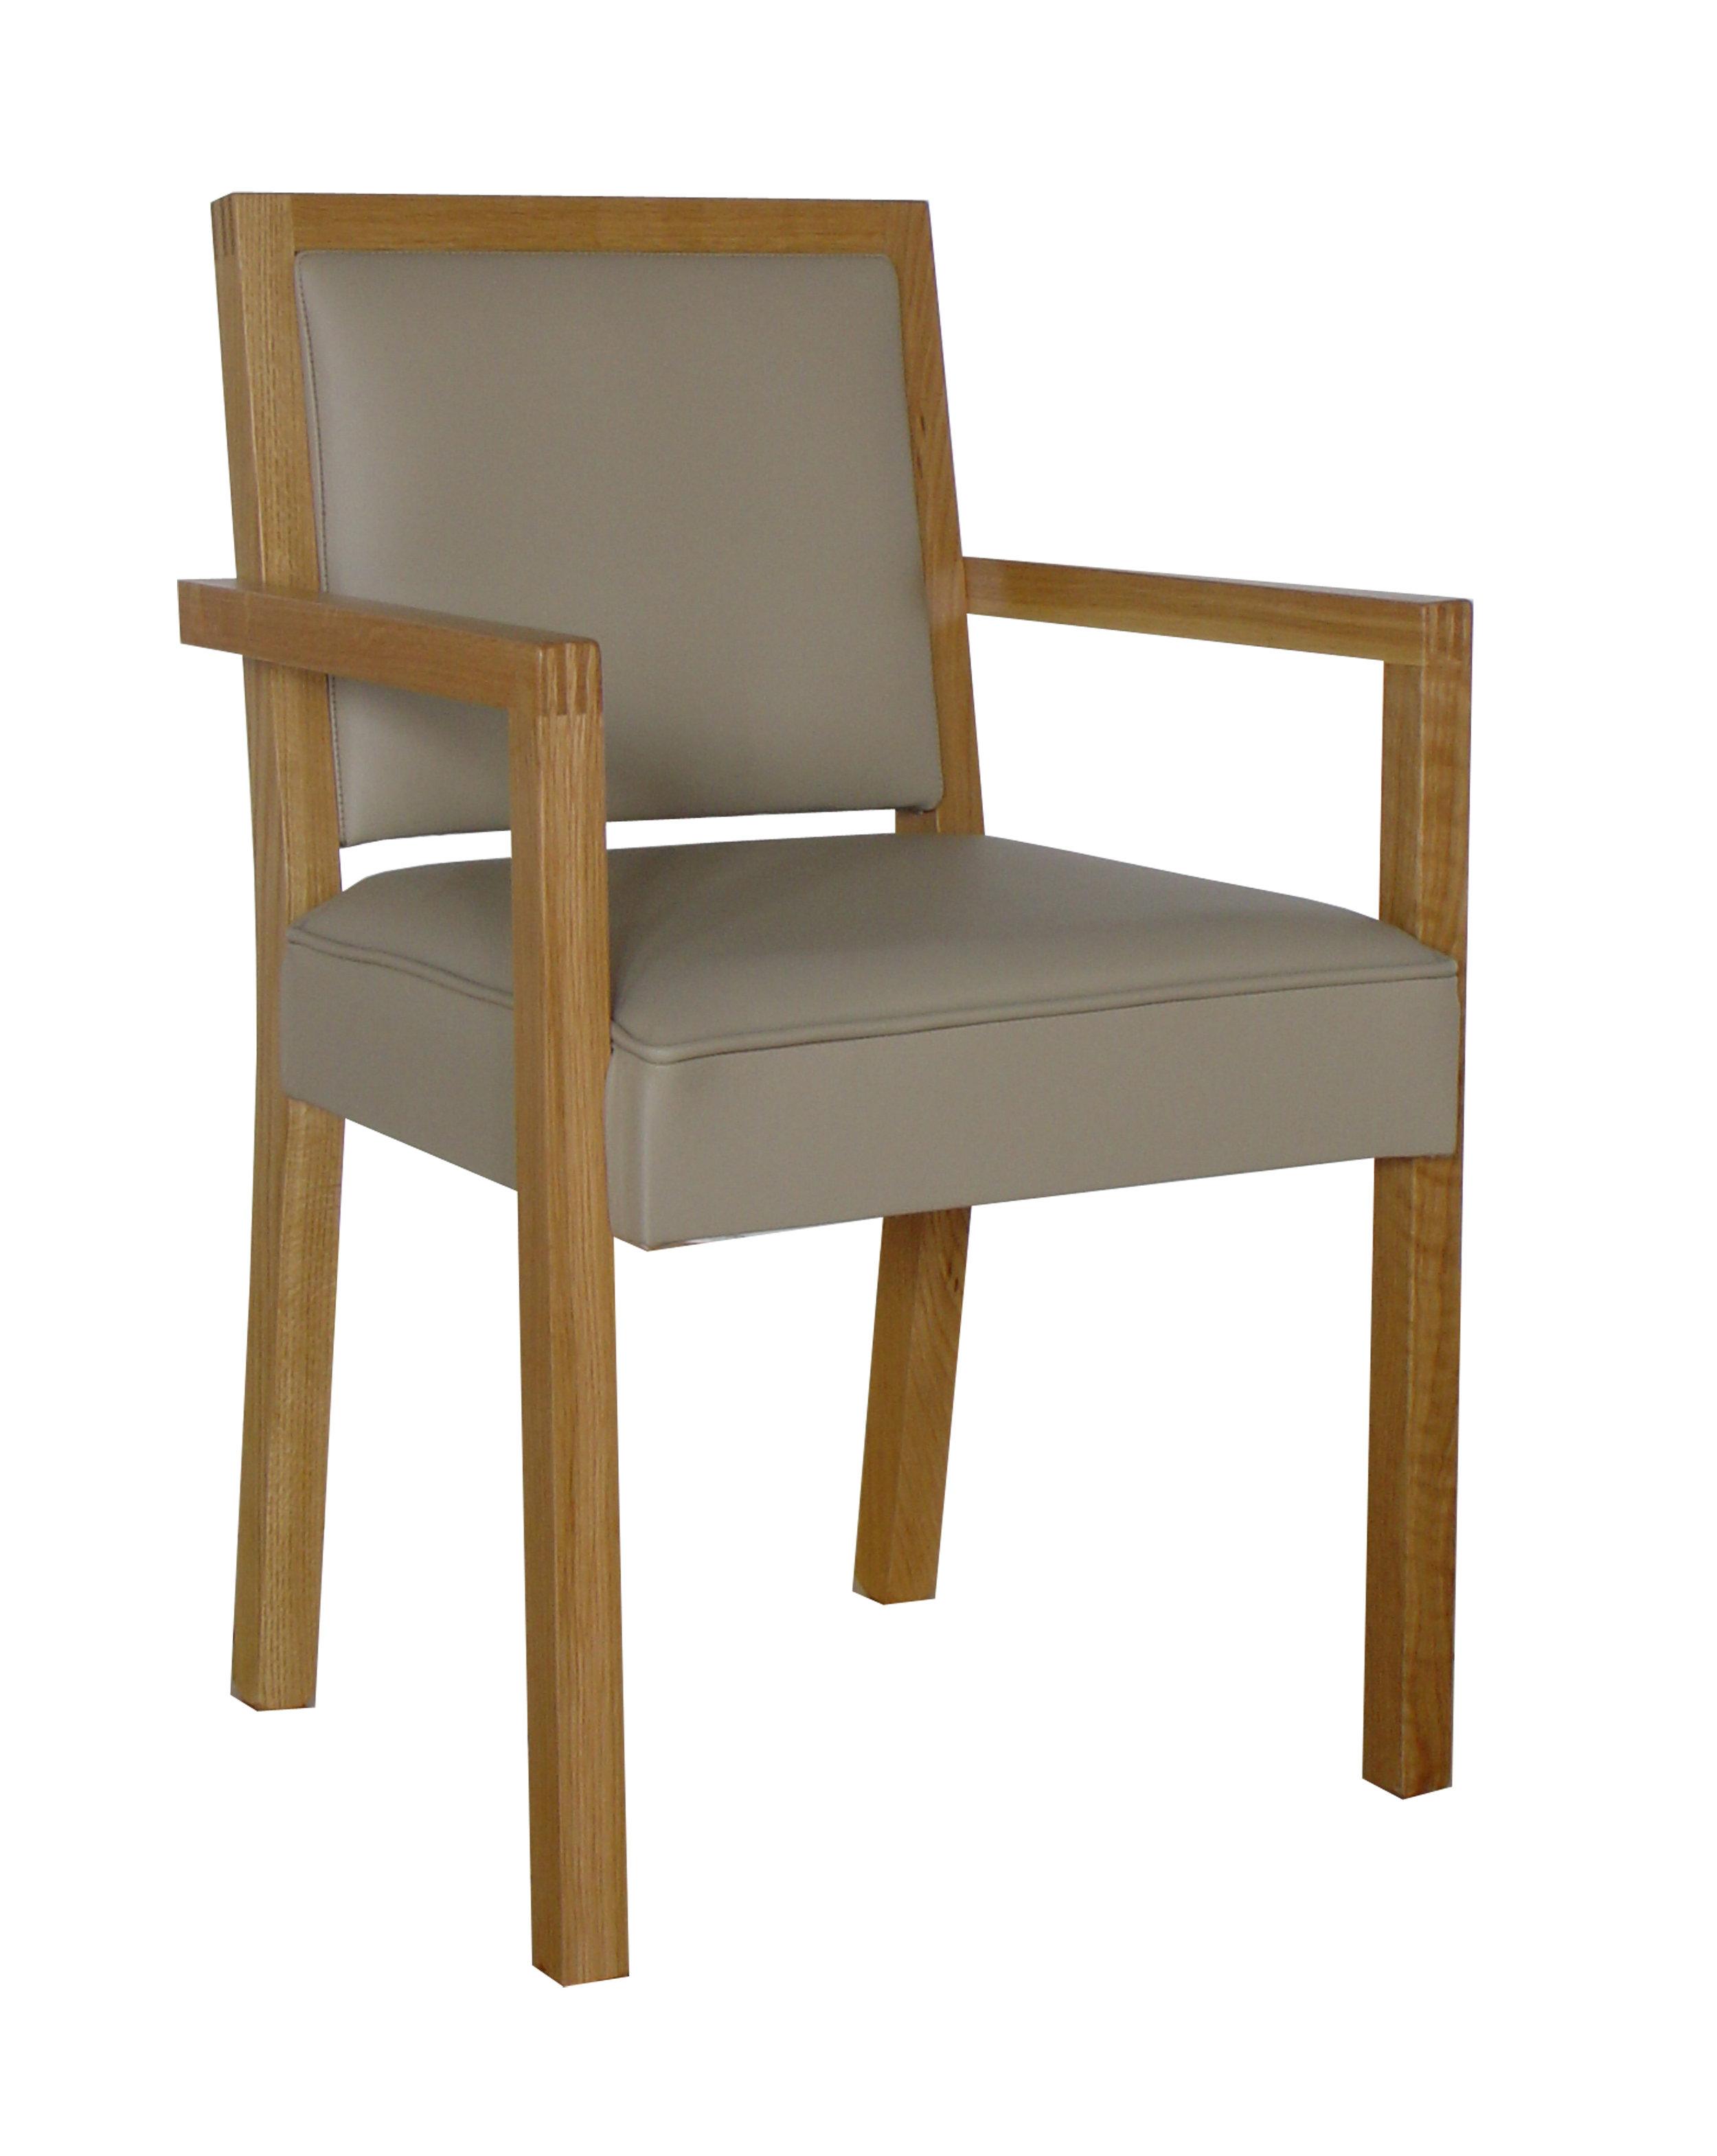 DC Armchair - Fully Upholstered.jpg